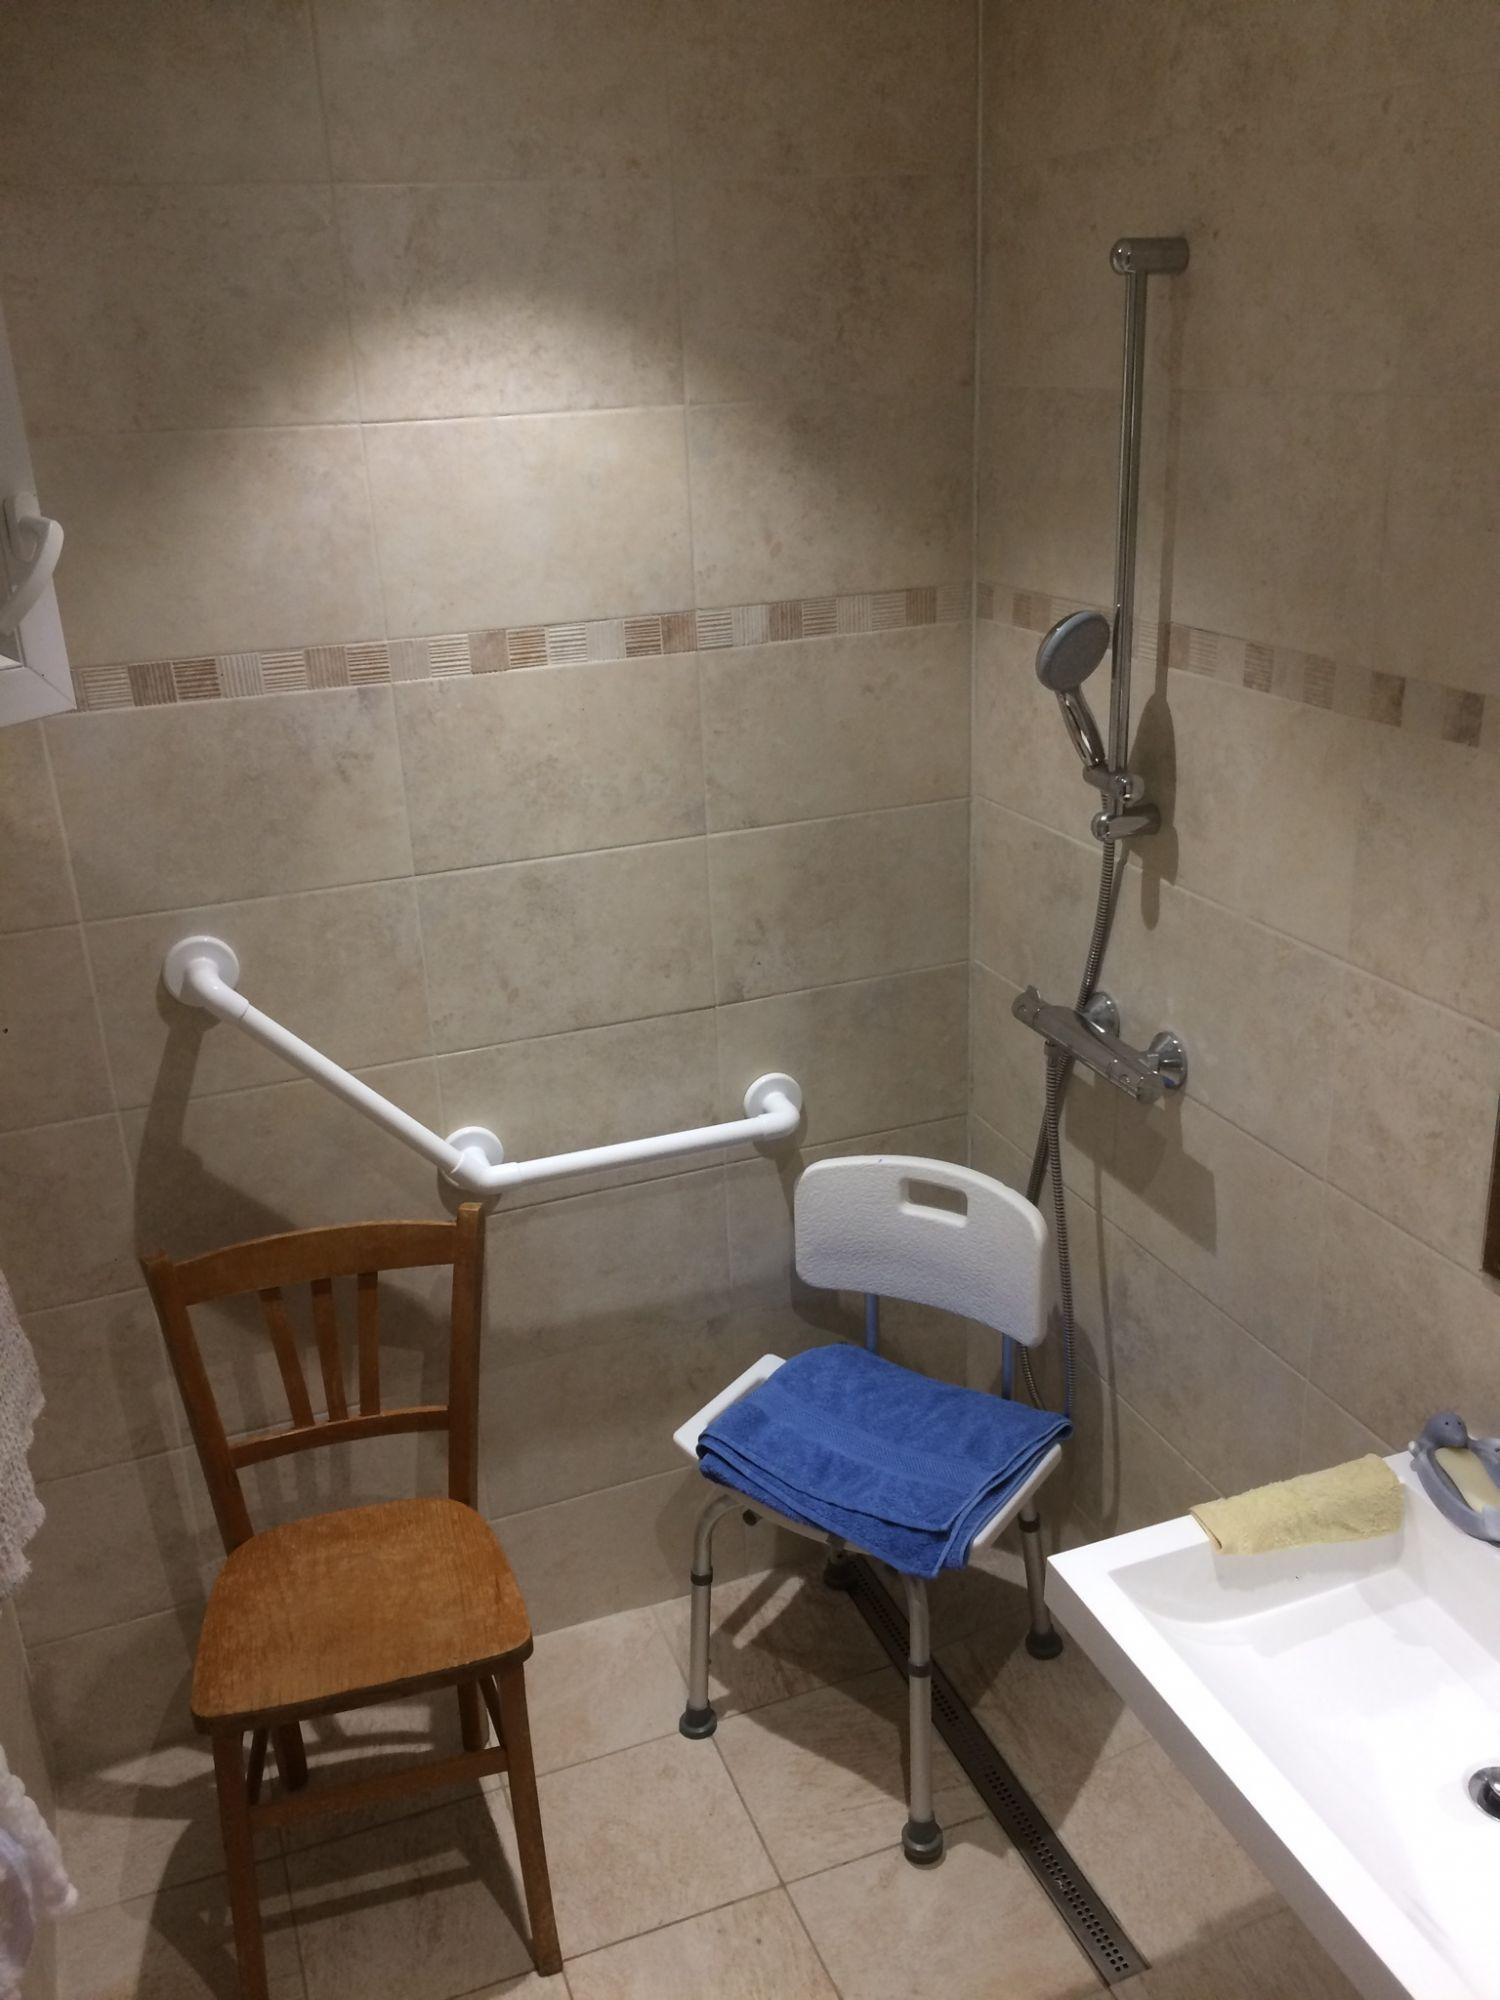 Salle de bain s curis e et adapt e aux personnes mobilit r duite - Salle de bain personne a mobilite reduite ...